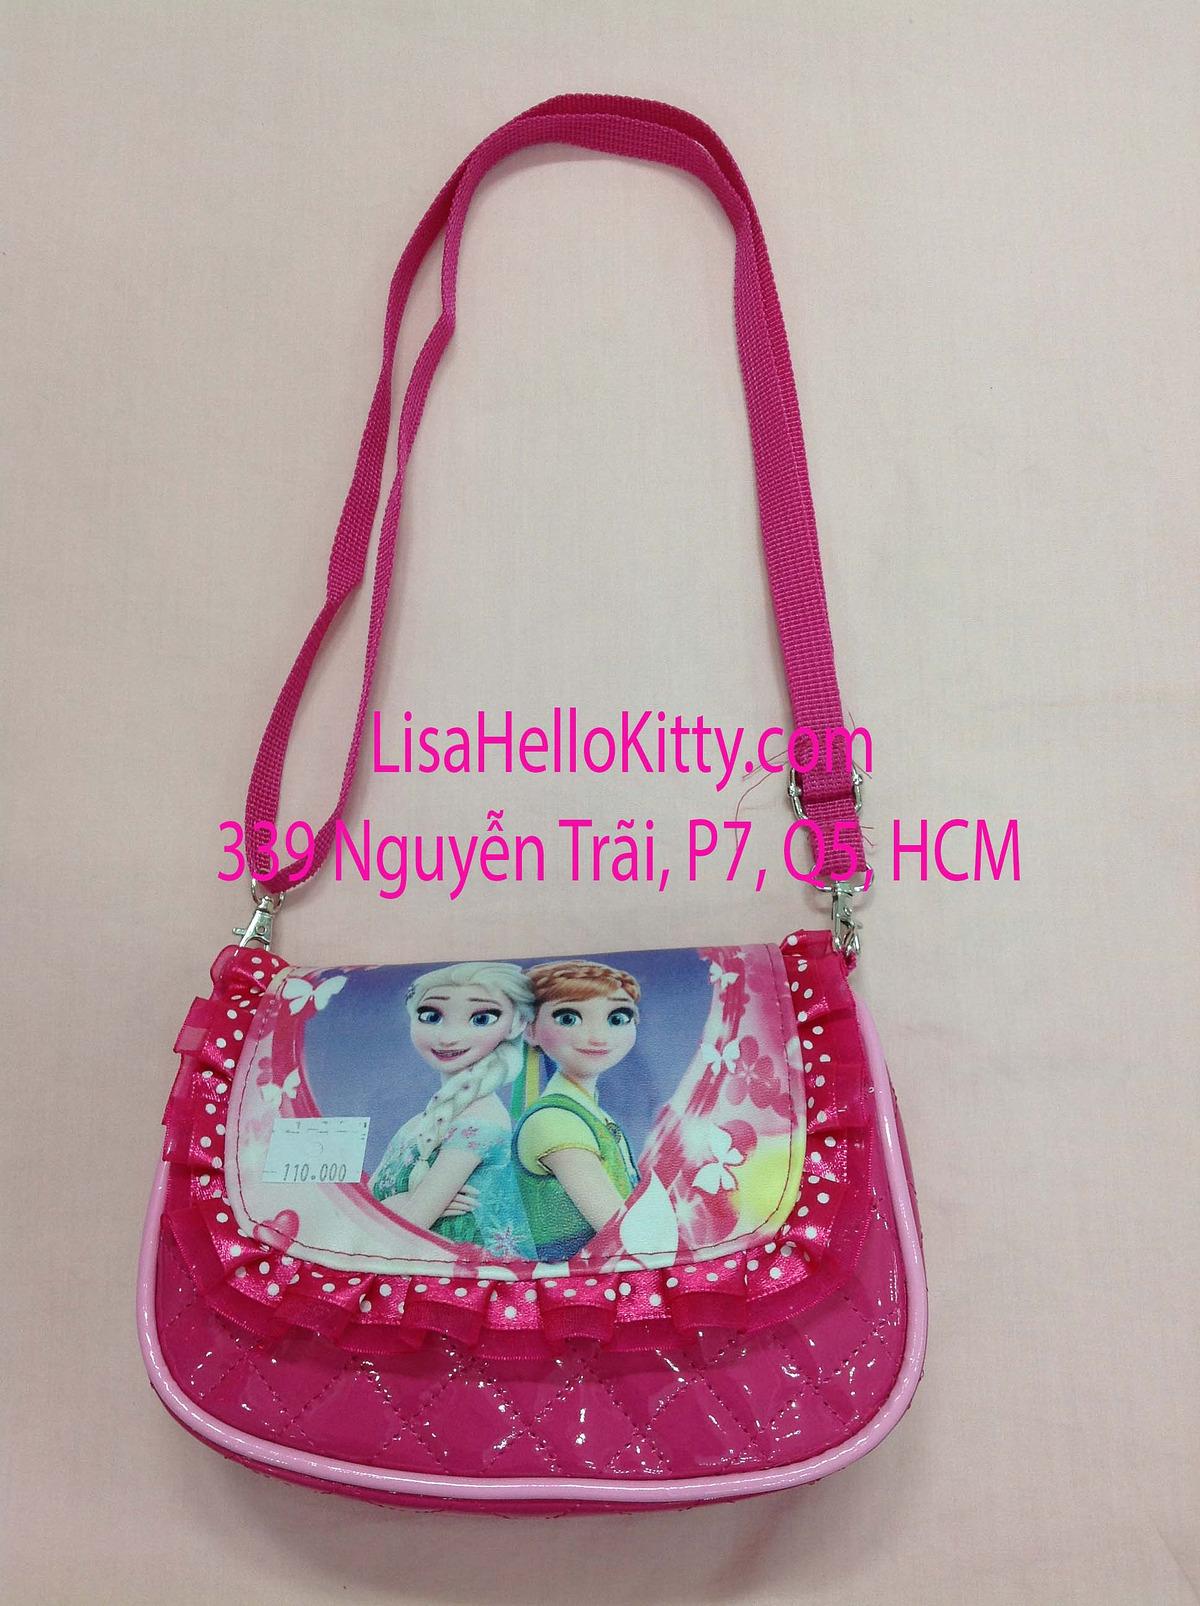 Lisa Shop - Túi xách, túi đeo chéo Hello Kitty công chúa Elsa cho bé